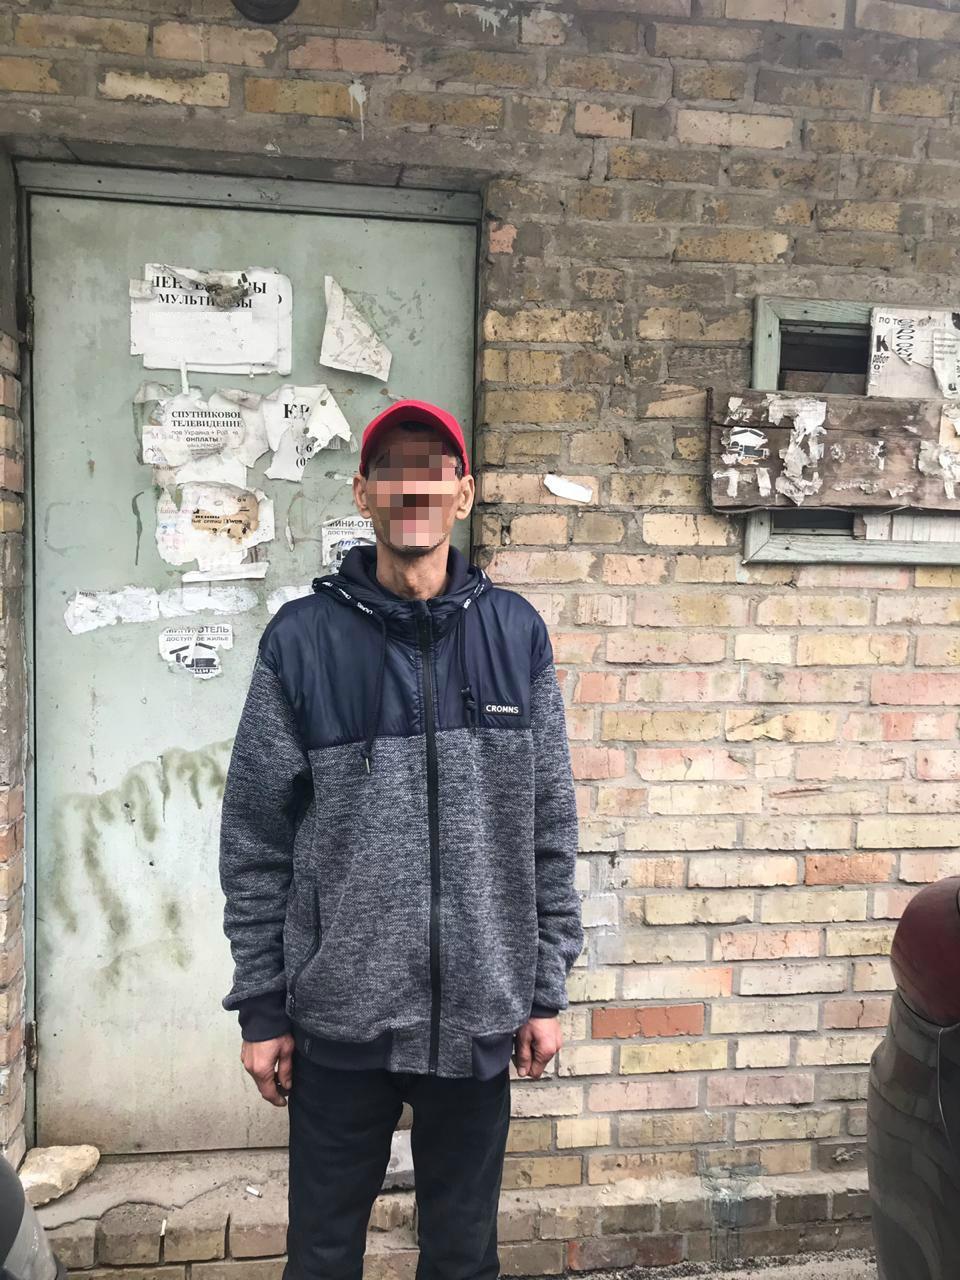 """Продавець шаурми виявився хворим на туберкульоз - рейд, операція """"Мігрант"""", Київ - 0513 Migrant2"""